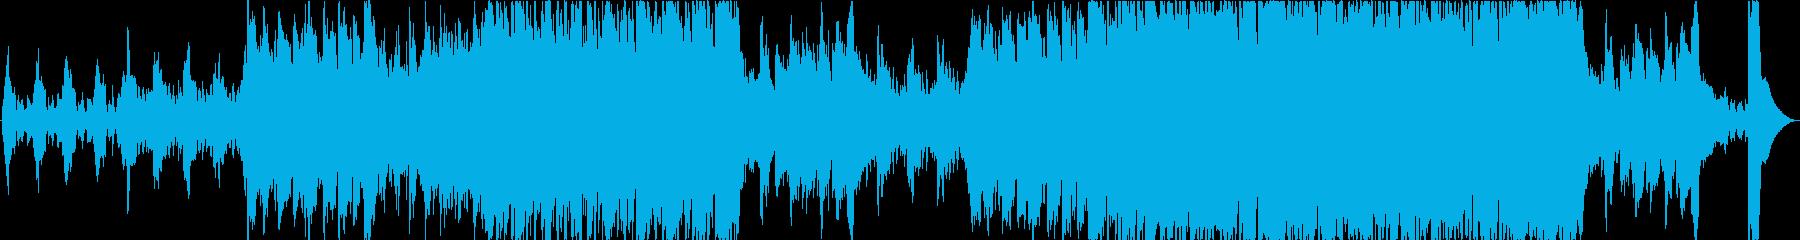 ビデオゲームや映画に対する中世の趣...の再生済みの波形